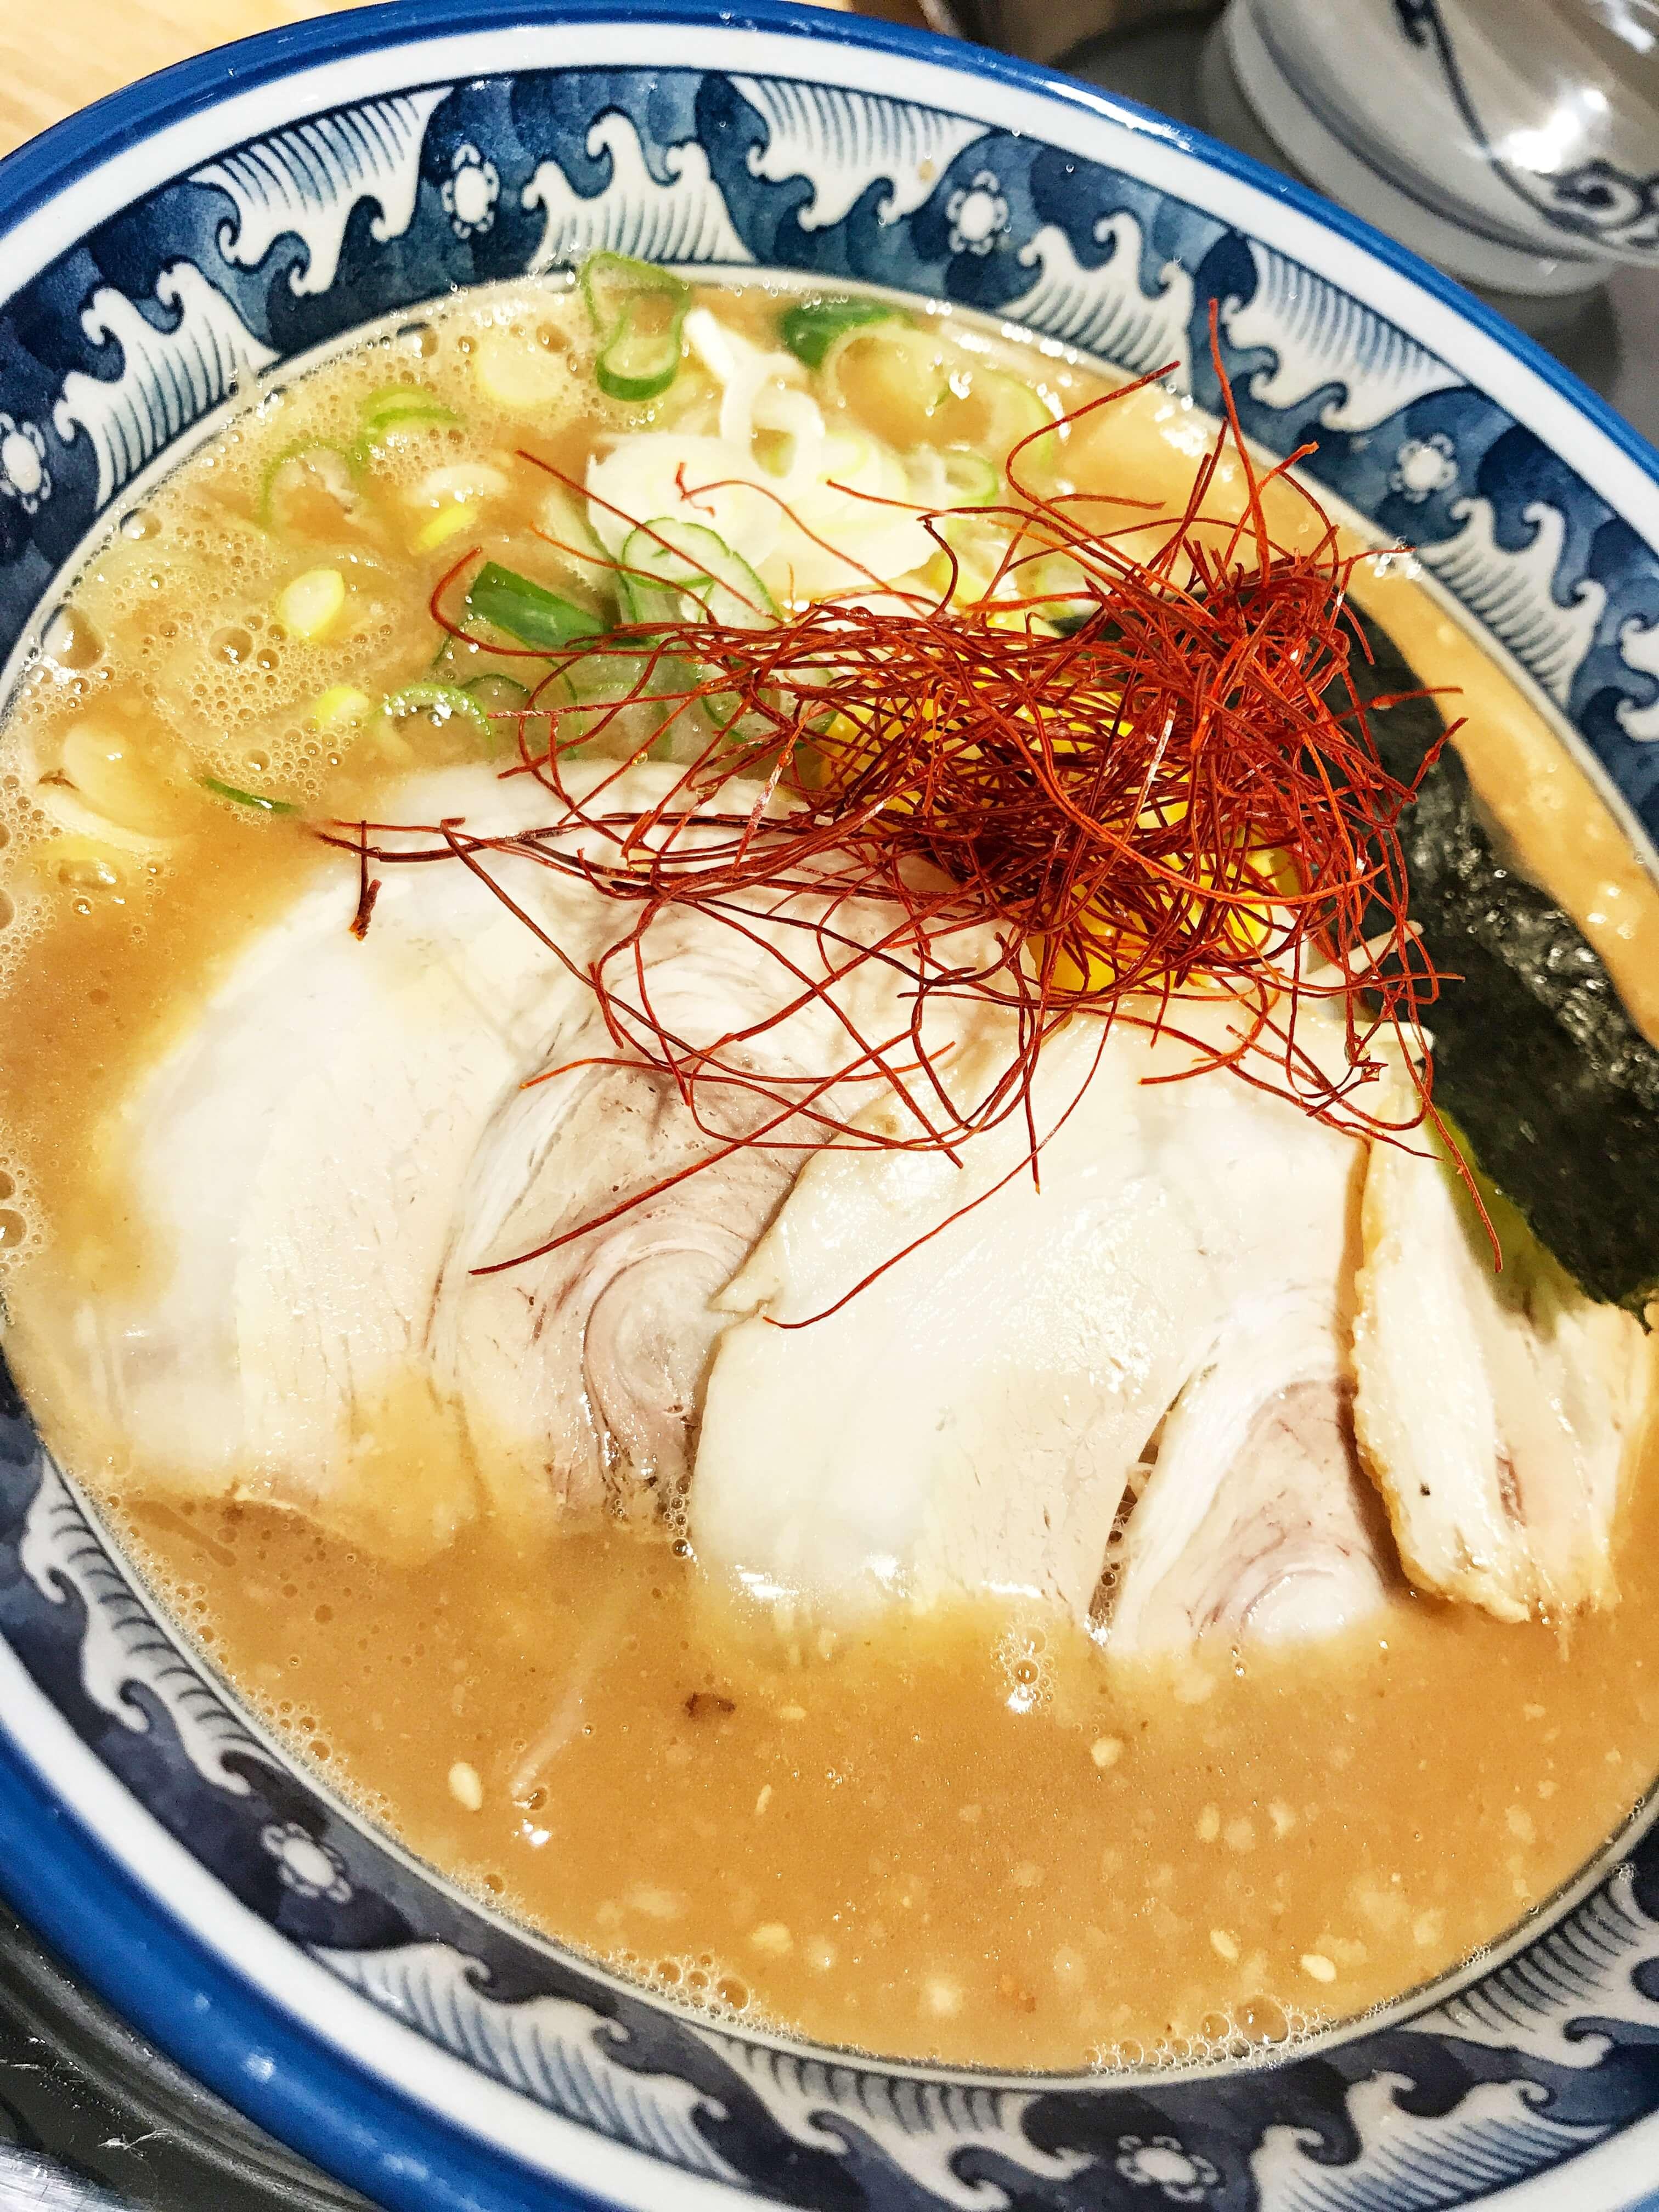 大阪、堺にある宮崎とんこつ風来軒大阪本店のラーメンの写真。